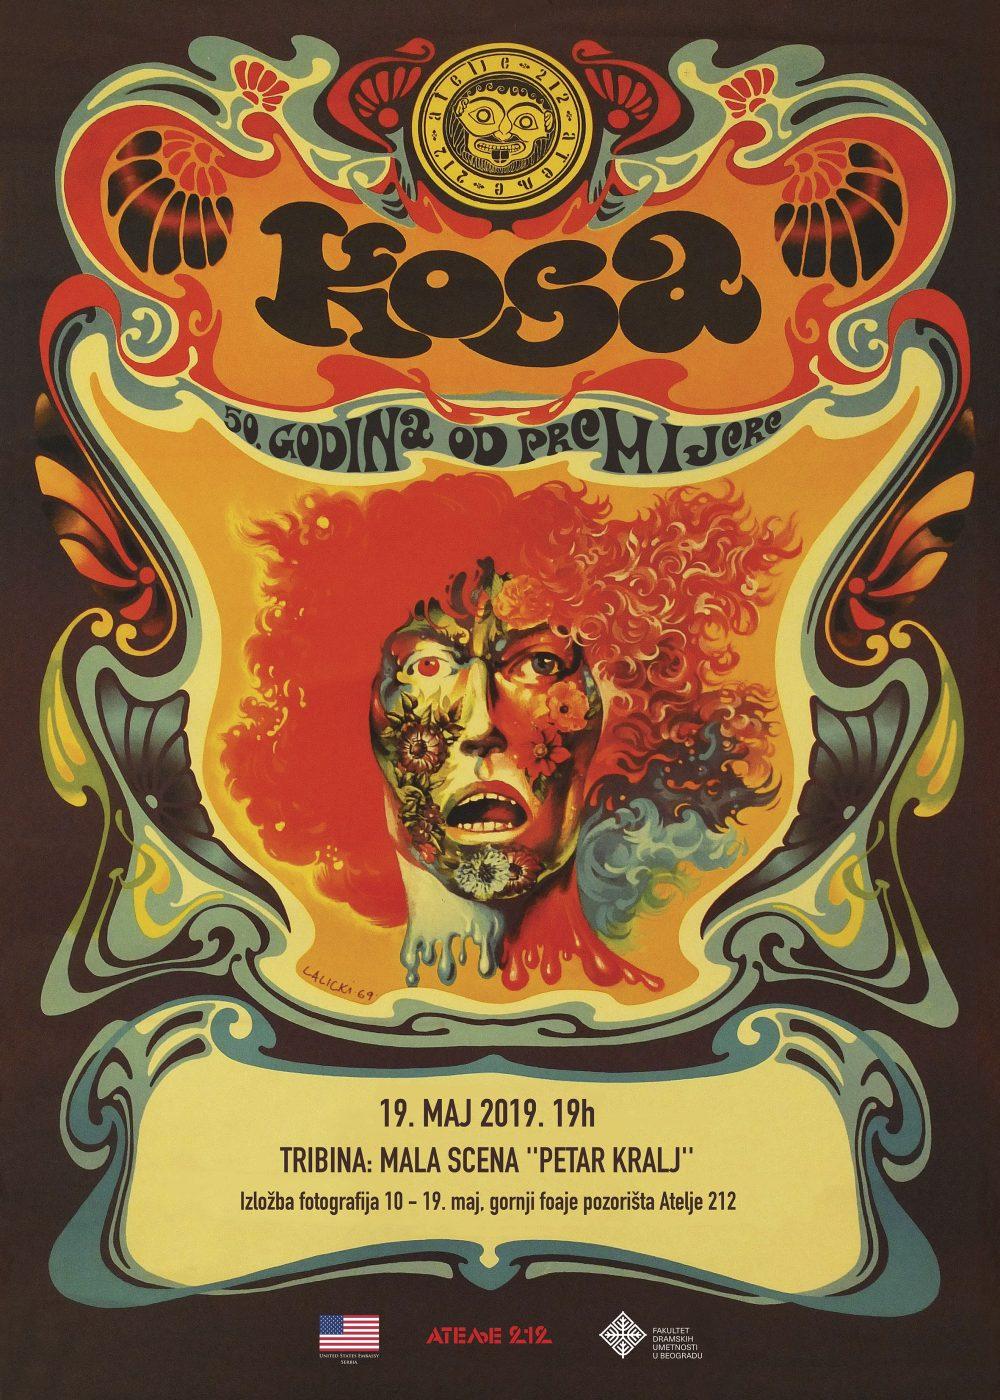 Poster Kosa e1557835959372 Obeležavanje 50 godina od premijere mjuzikla Kosa